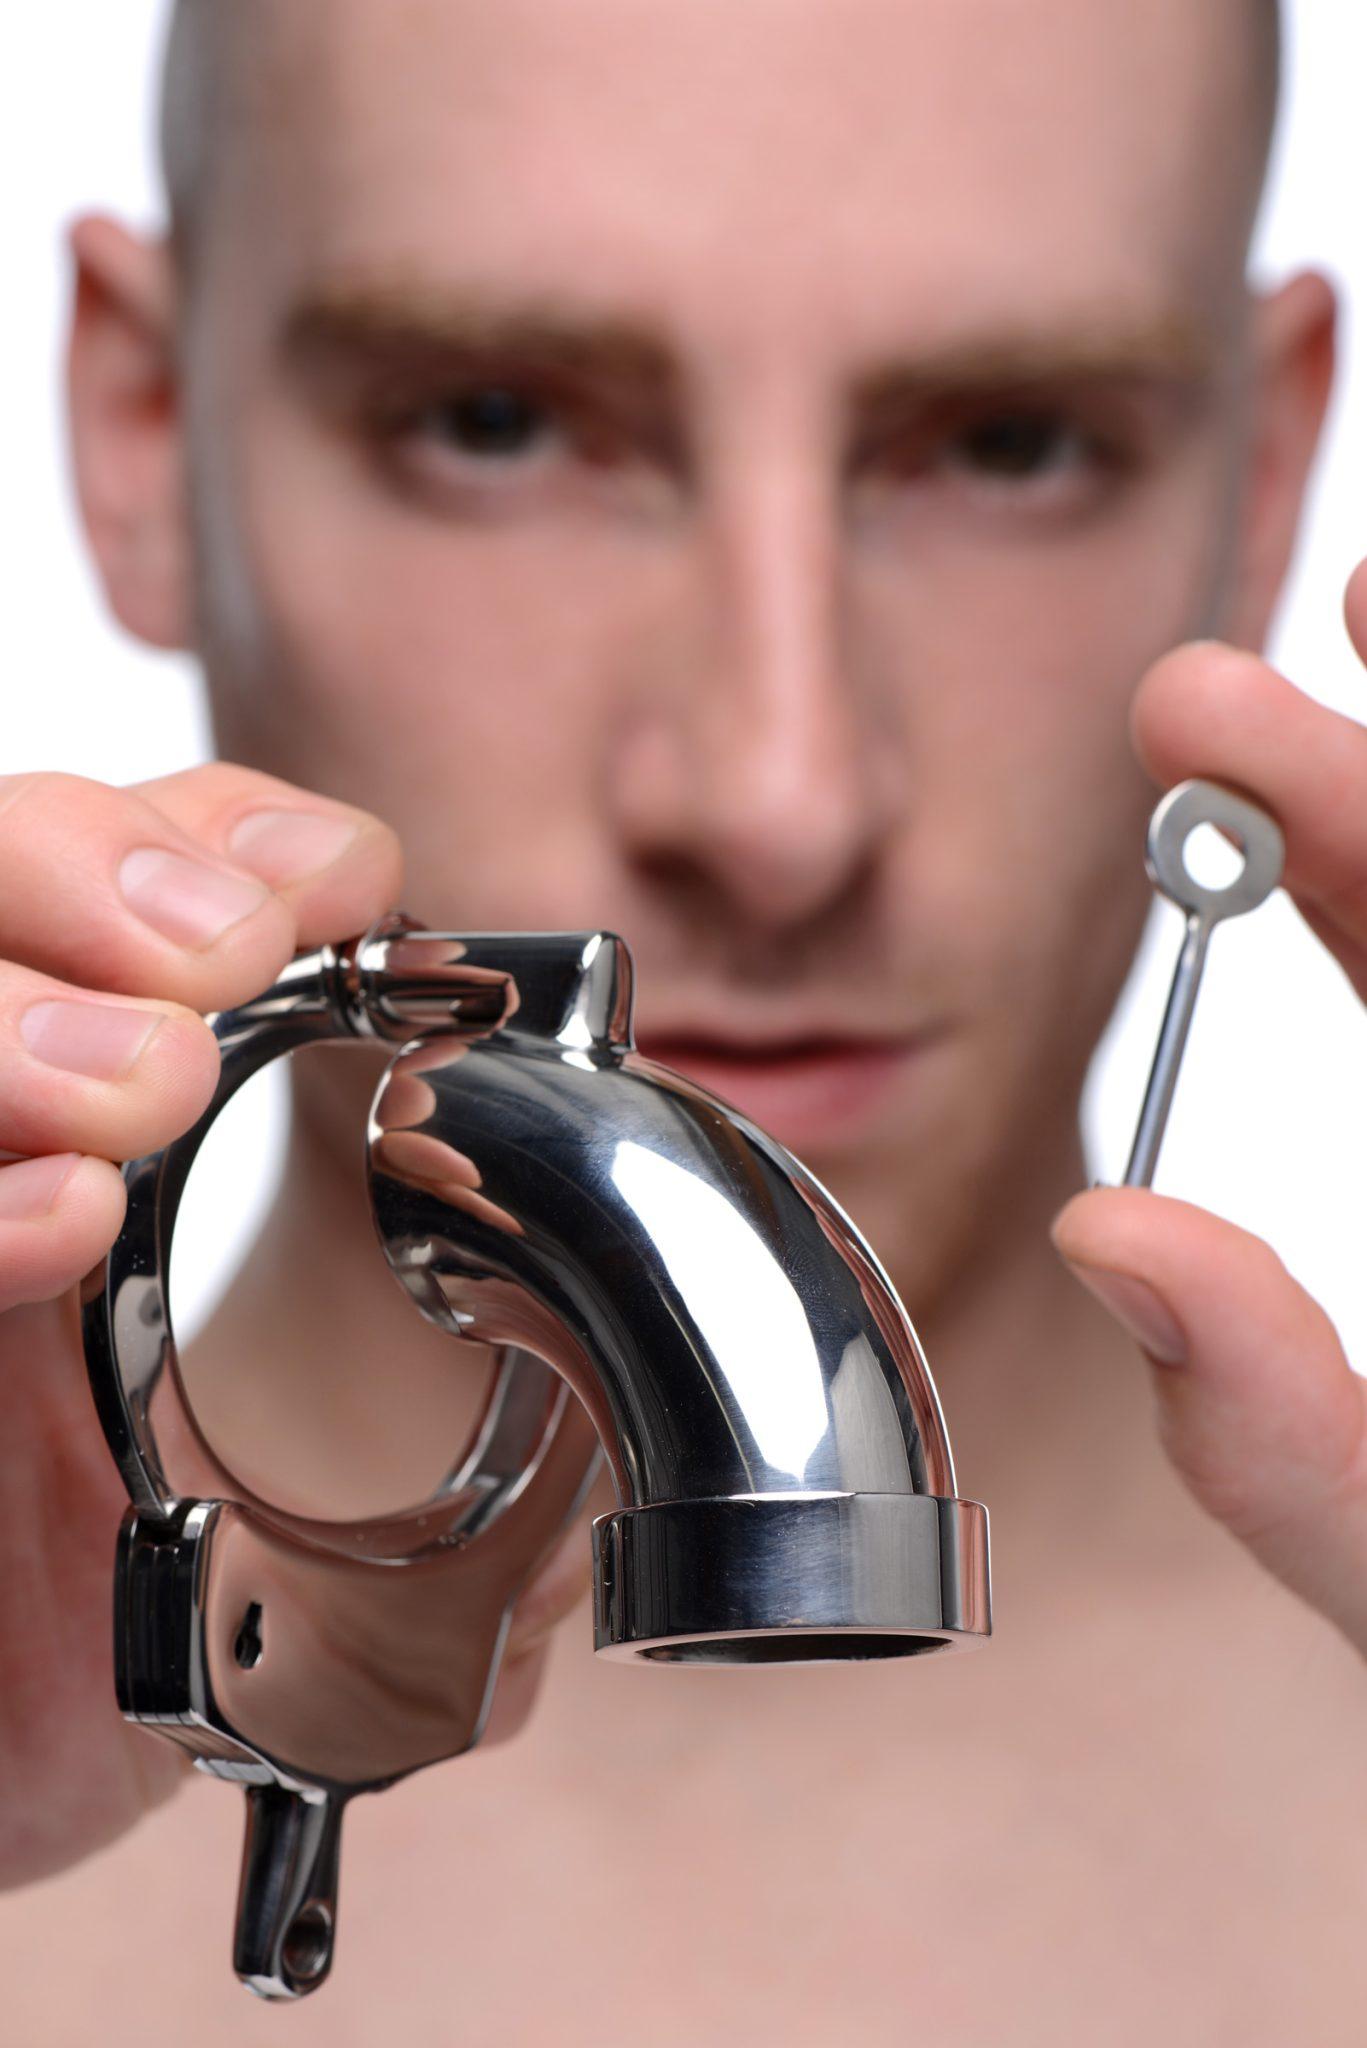 The CockCuff Chastity Device